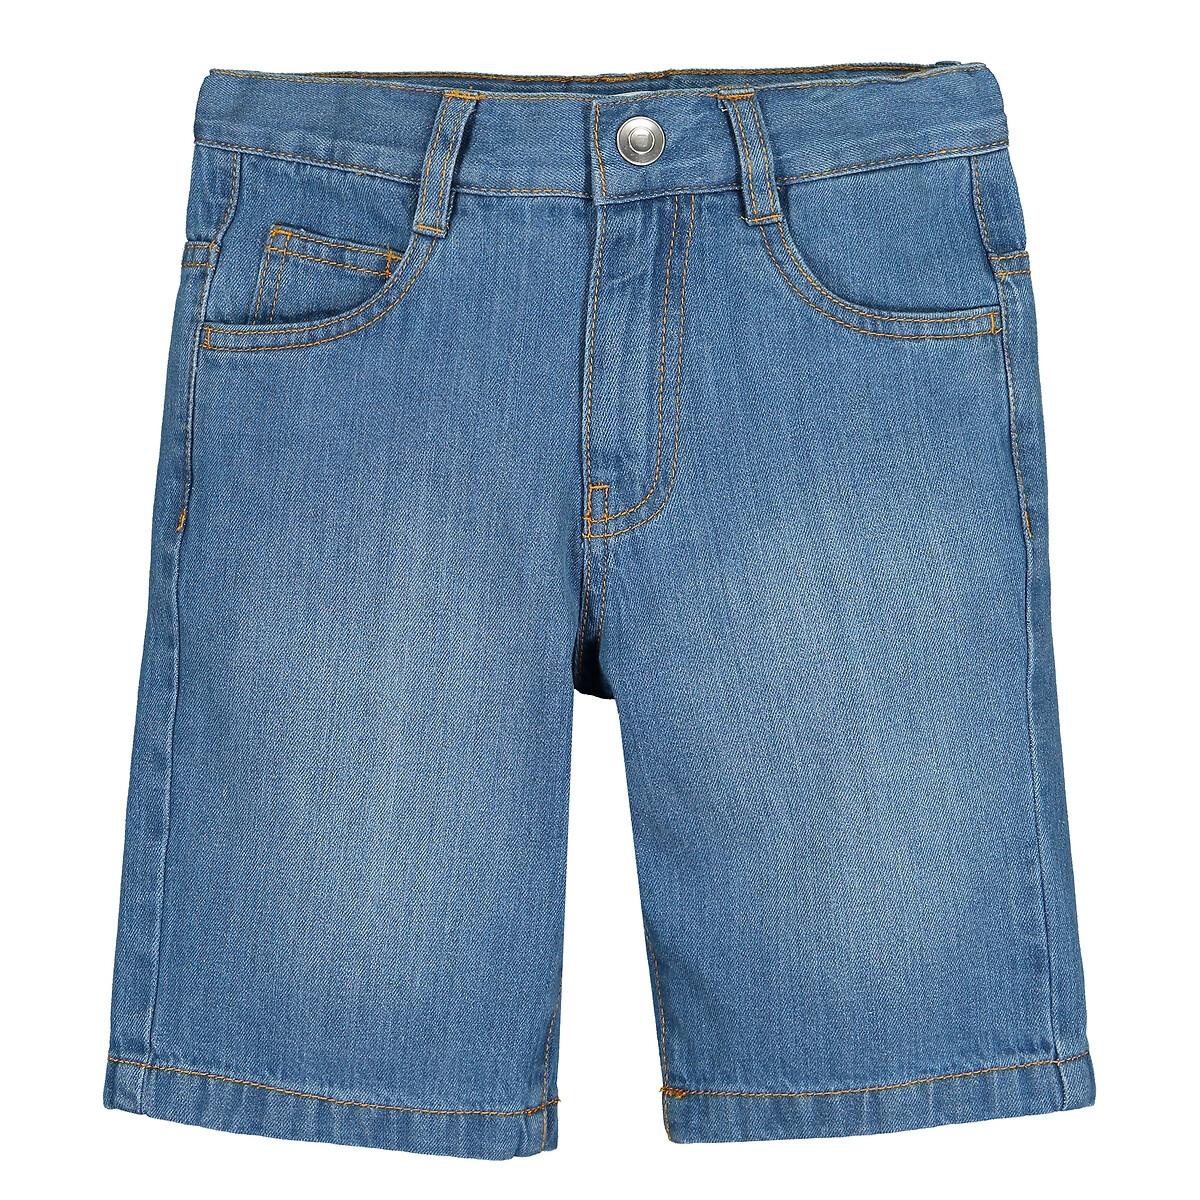 Бермуды LaRedoute Из джинсовой ткани 3-12 лет 4 синий